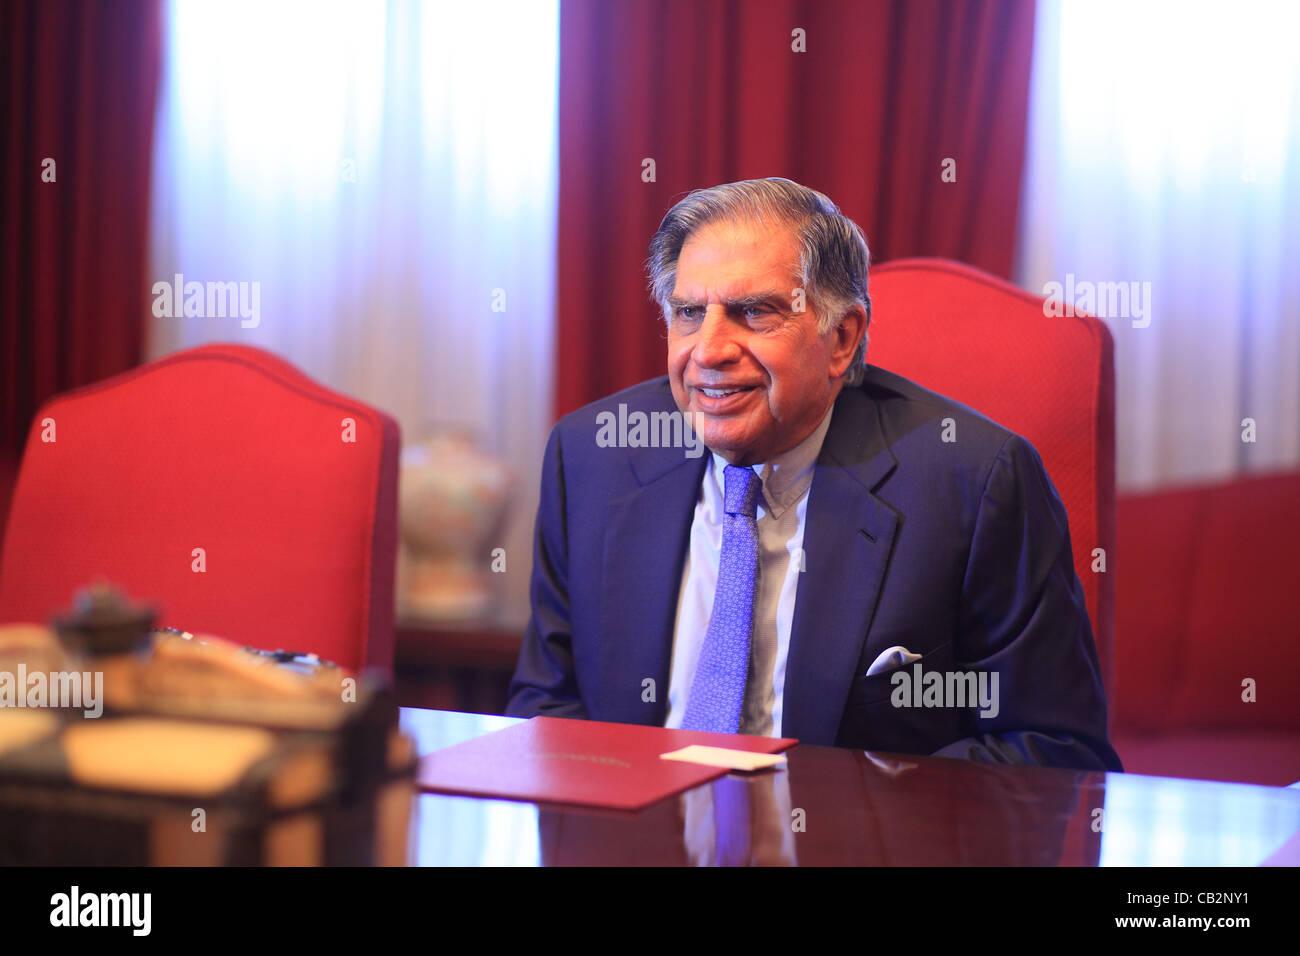 Peut16,2012 - Mumbai, Inde: Portrait de l'industriel indien Tata Rata, président de l'empire Photo Stock